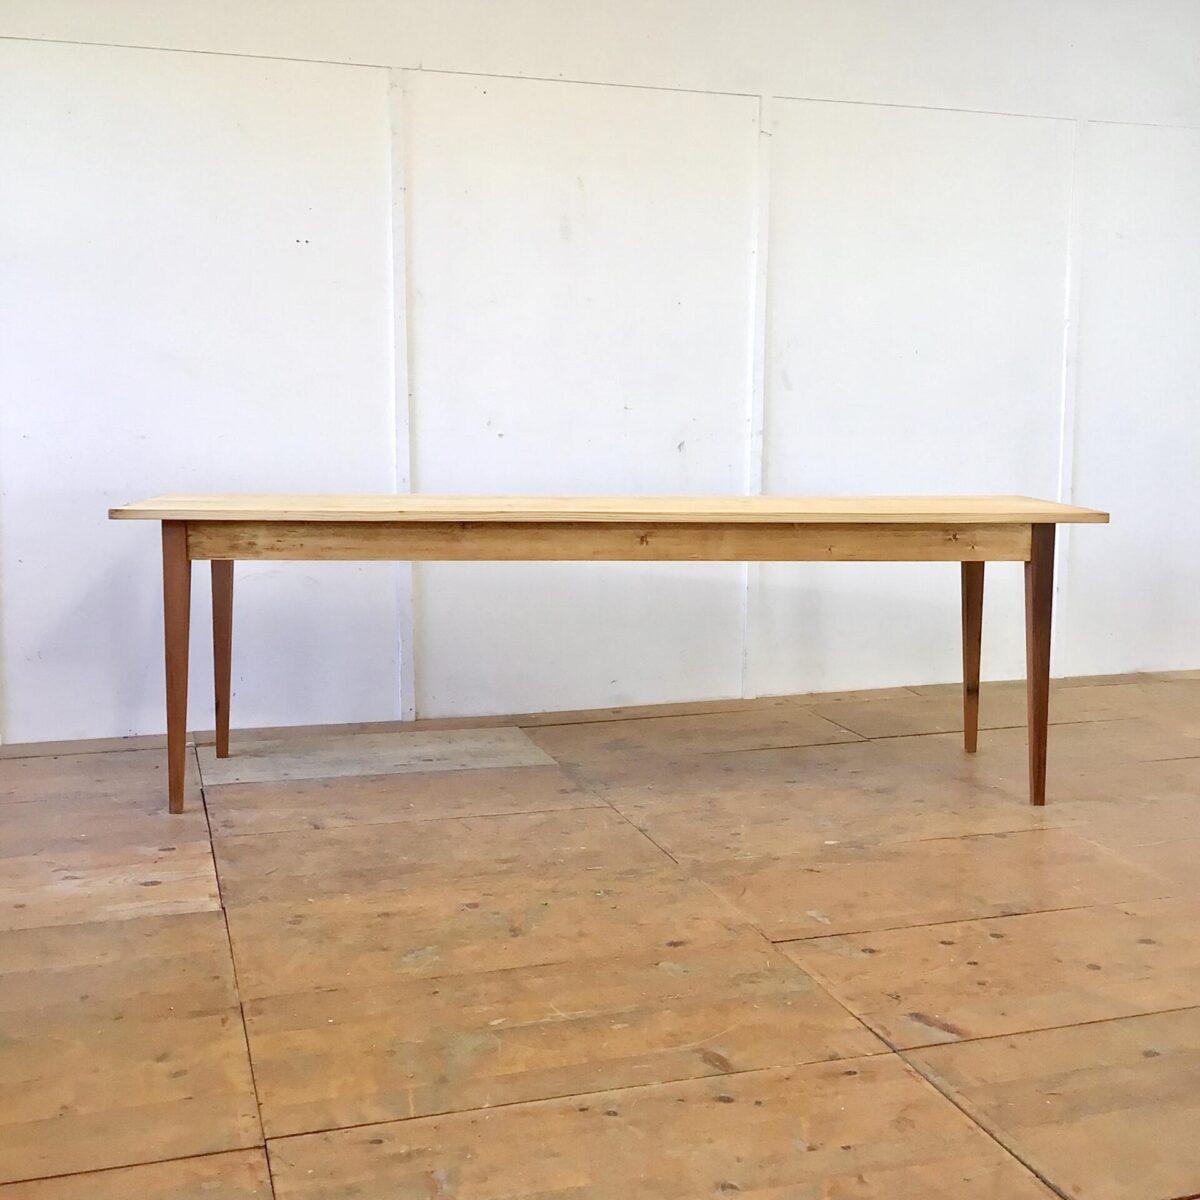 Deuxieme.shop Tannenholz Biedermeiertisch 250x70cm Höhe 77cm. Dieser schlichte lange Holztisch haben wir bei der Restaurierung möglichst geradlinig und Kantig belassen. Der Tisch ist mit Naturöl behandelt. Die Tischbeine sind aus Lärchenholz. Es finden angenehm 10 Personen daran Platz, zur Not passen auch mal 5 Stühle an eine Längsseite.